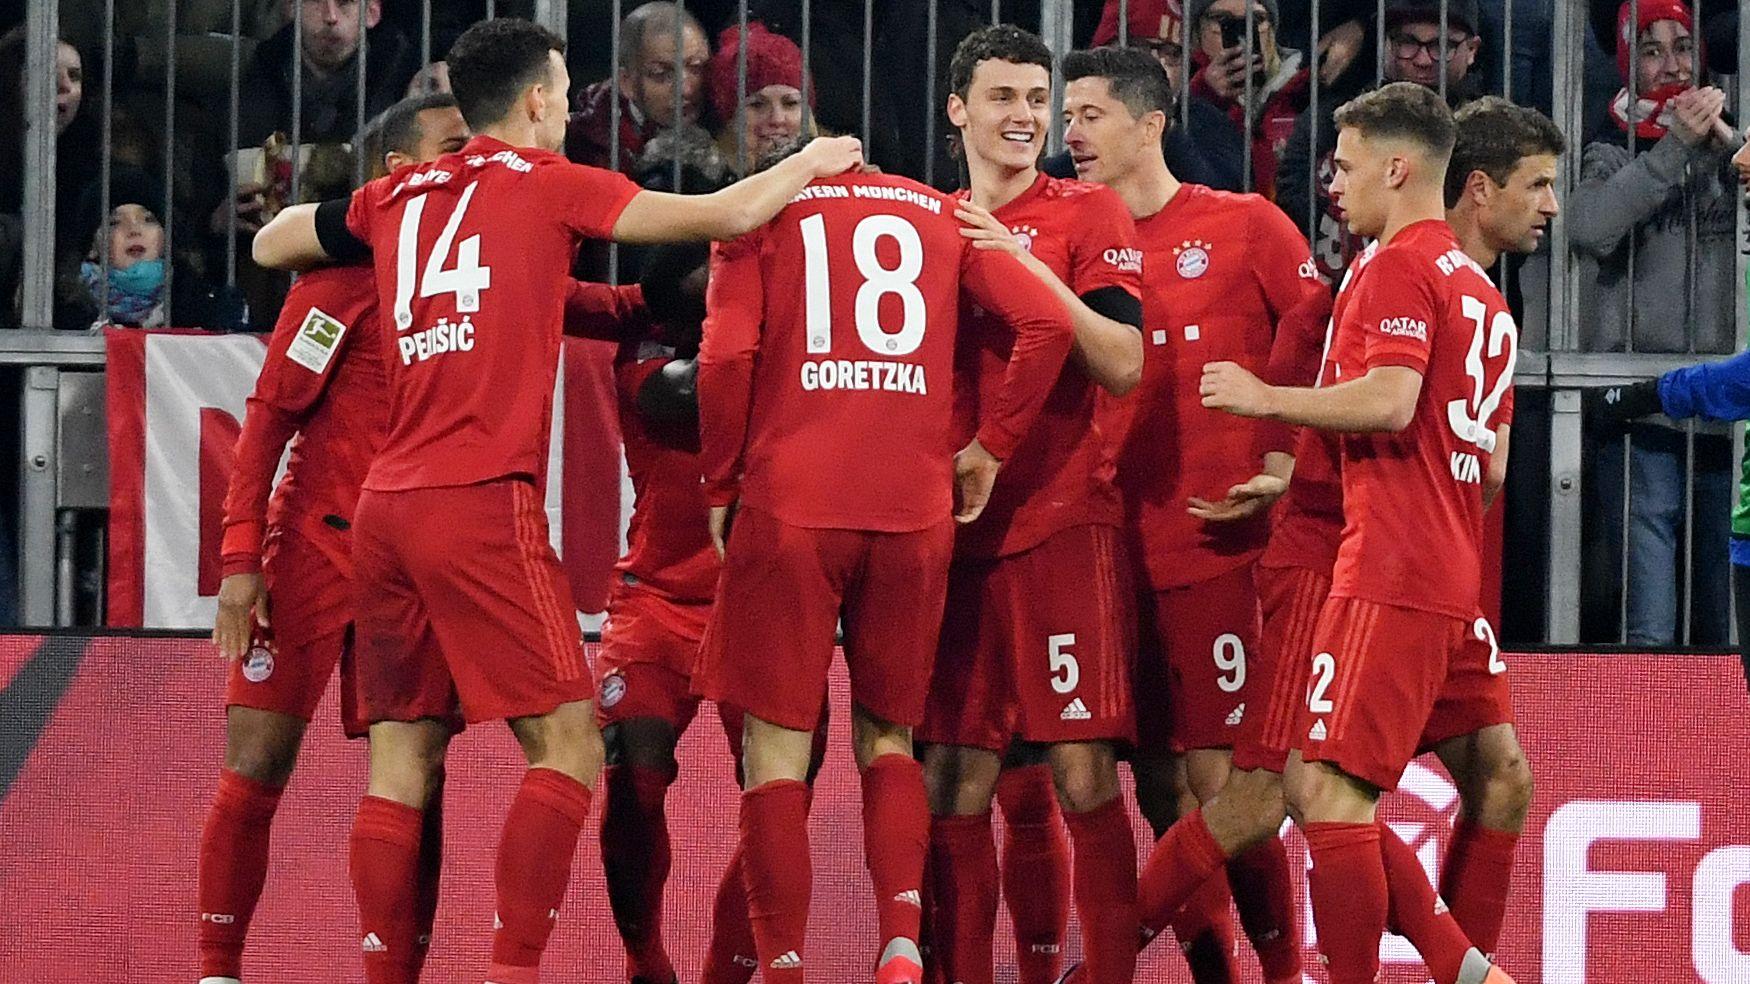 Jubelnde Spieler des FC Bayern beim 4:0 gegen Schalke